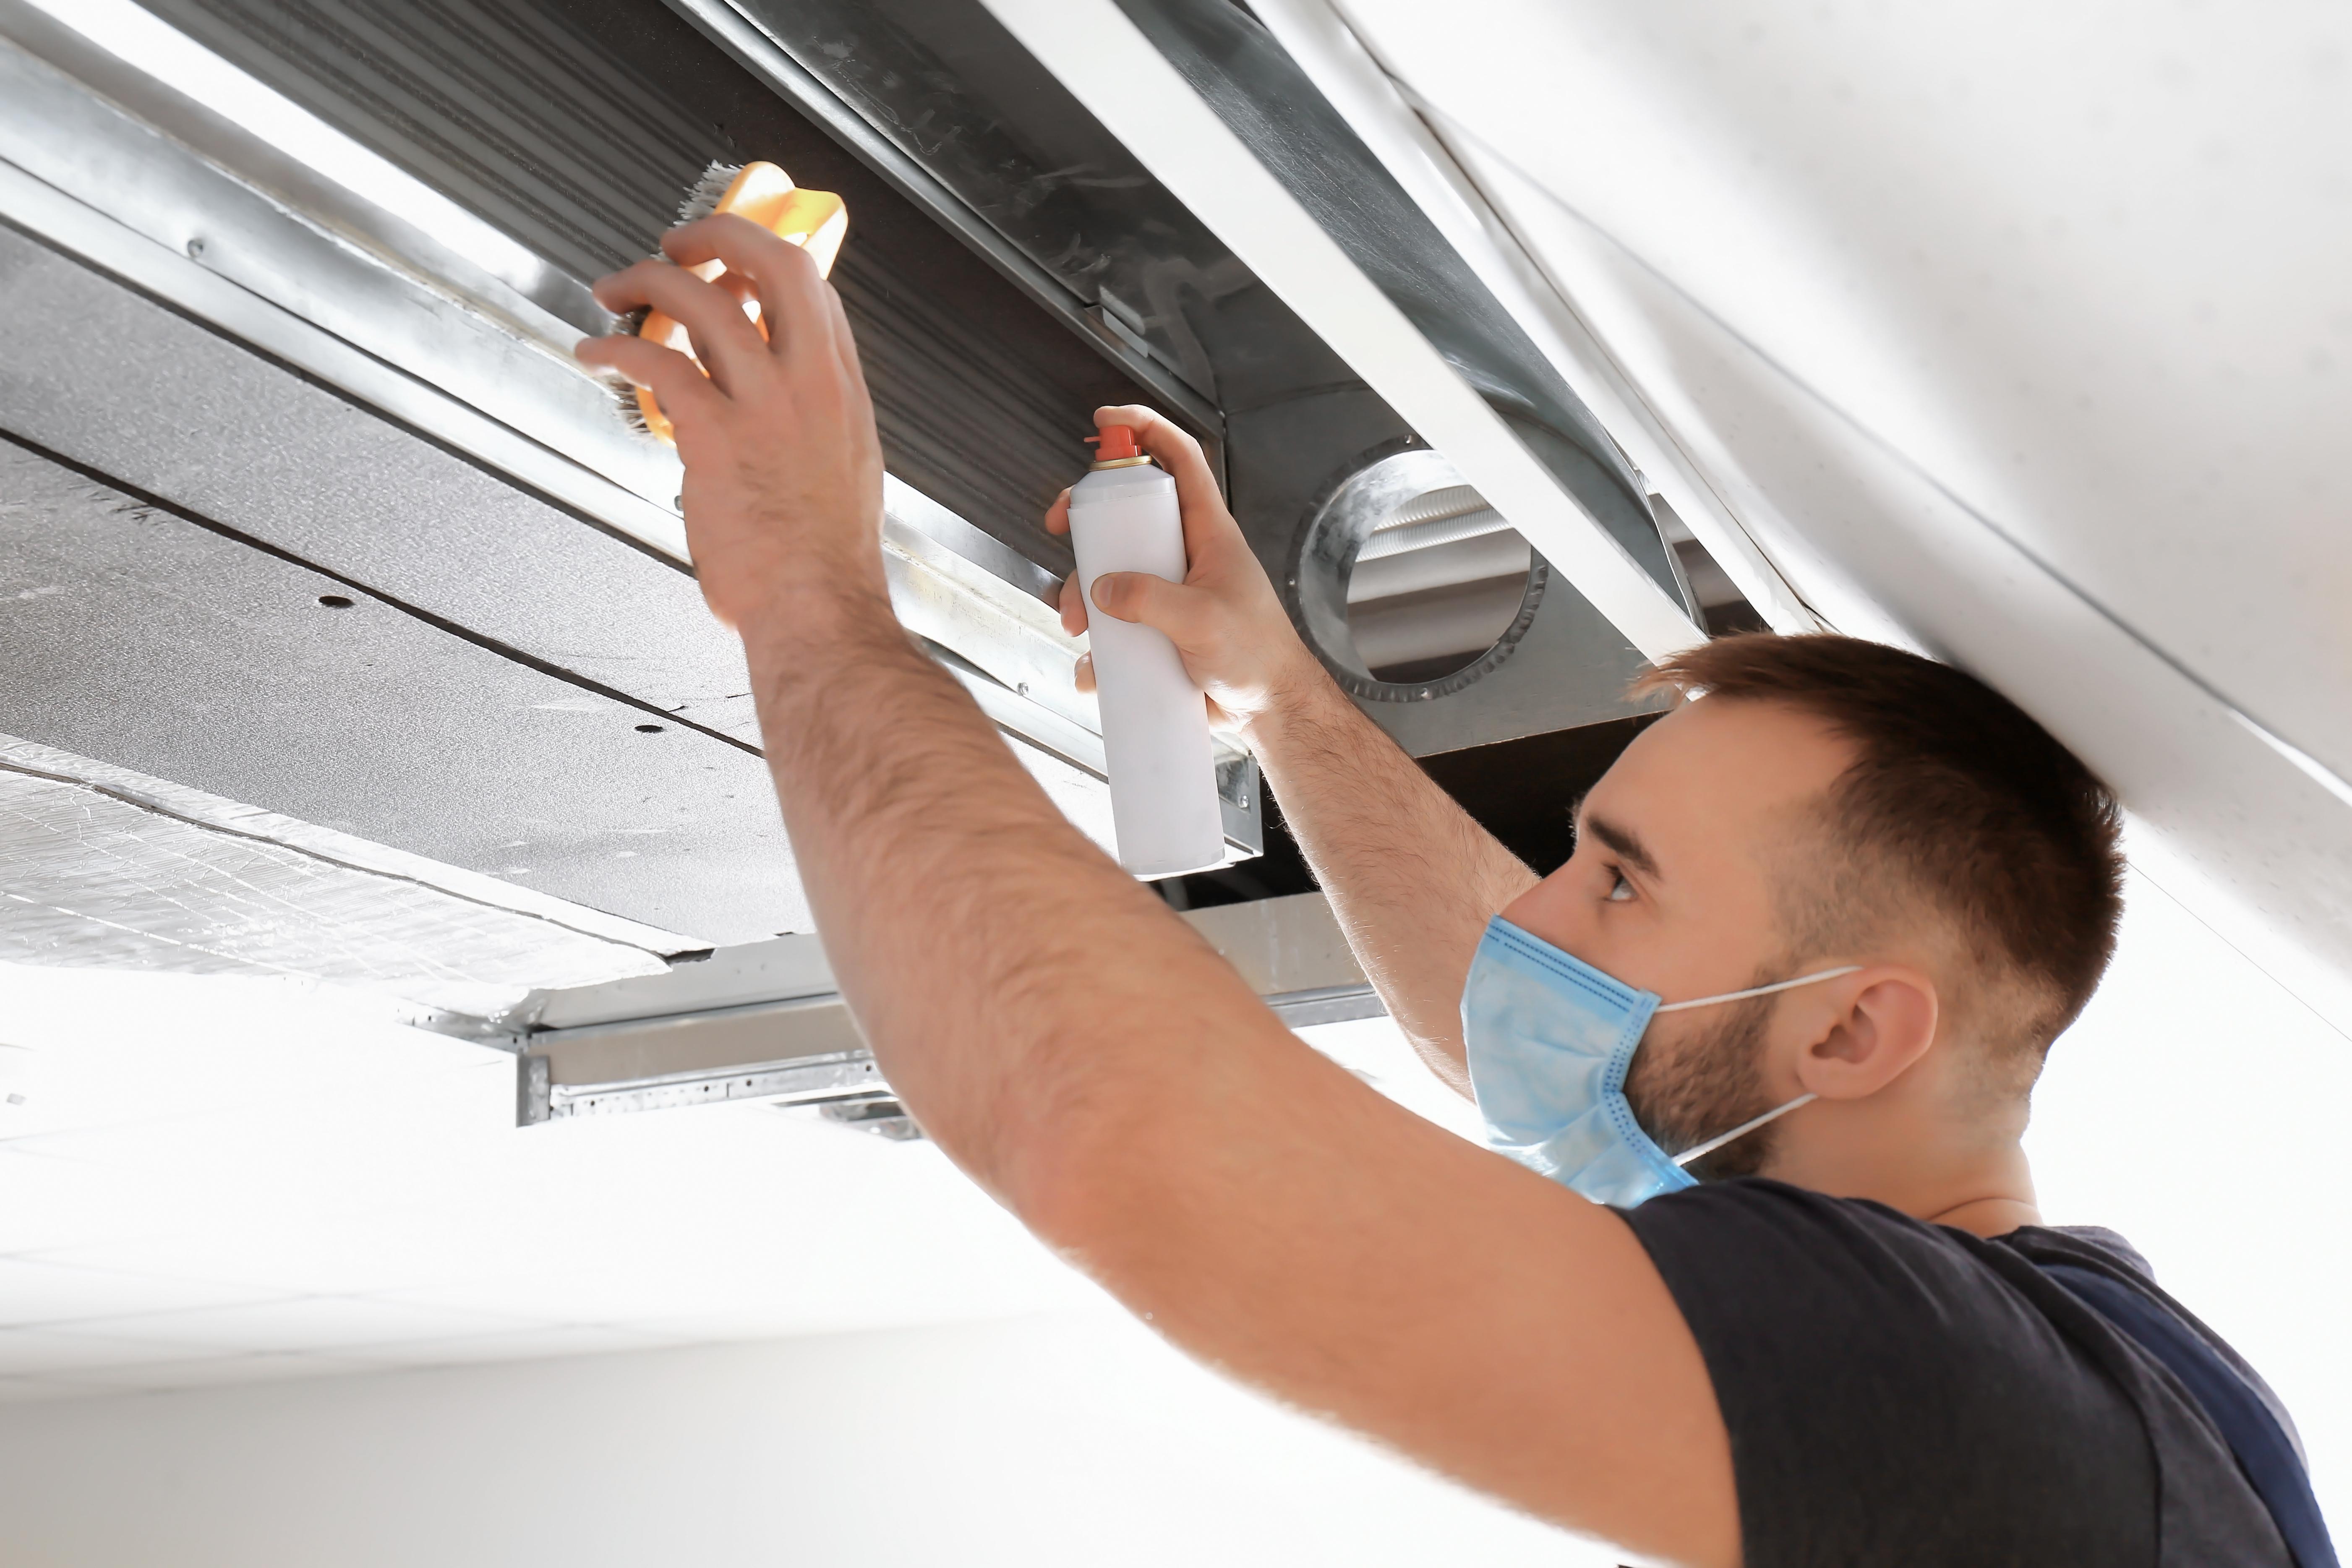 Скачать инструкция по проведению очистки и дезинфекции систем вентиляции и кондиционирования воздуха скачать госты бесплатно